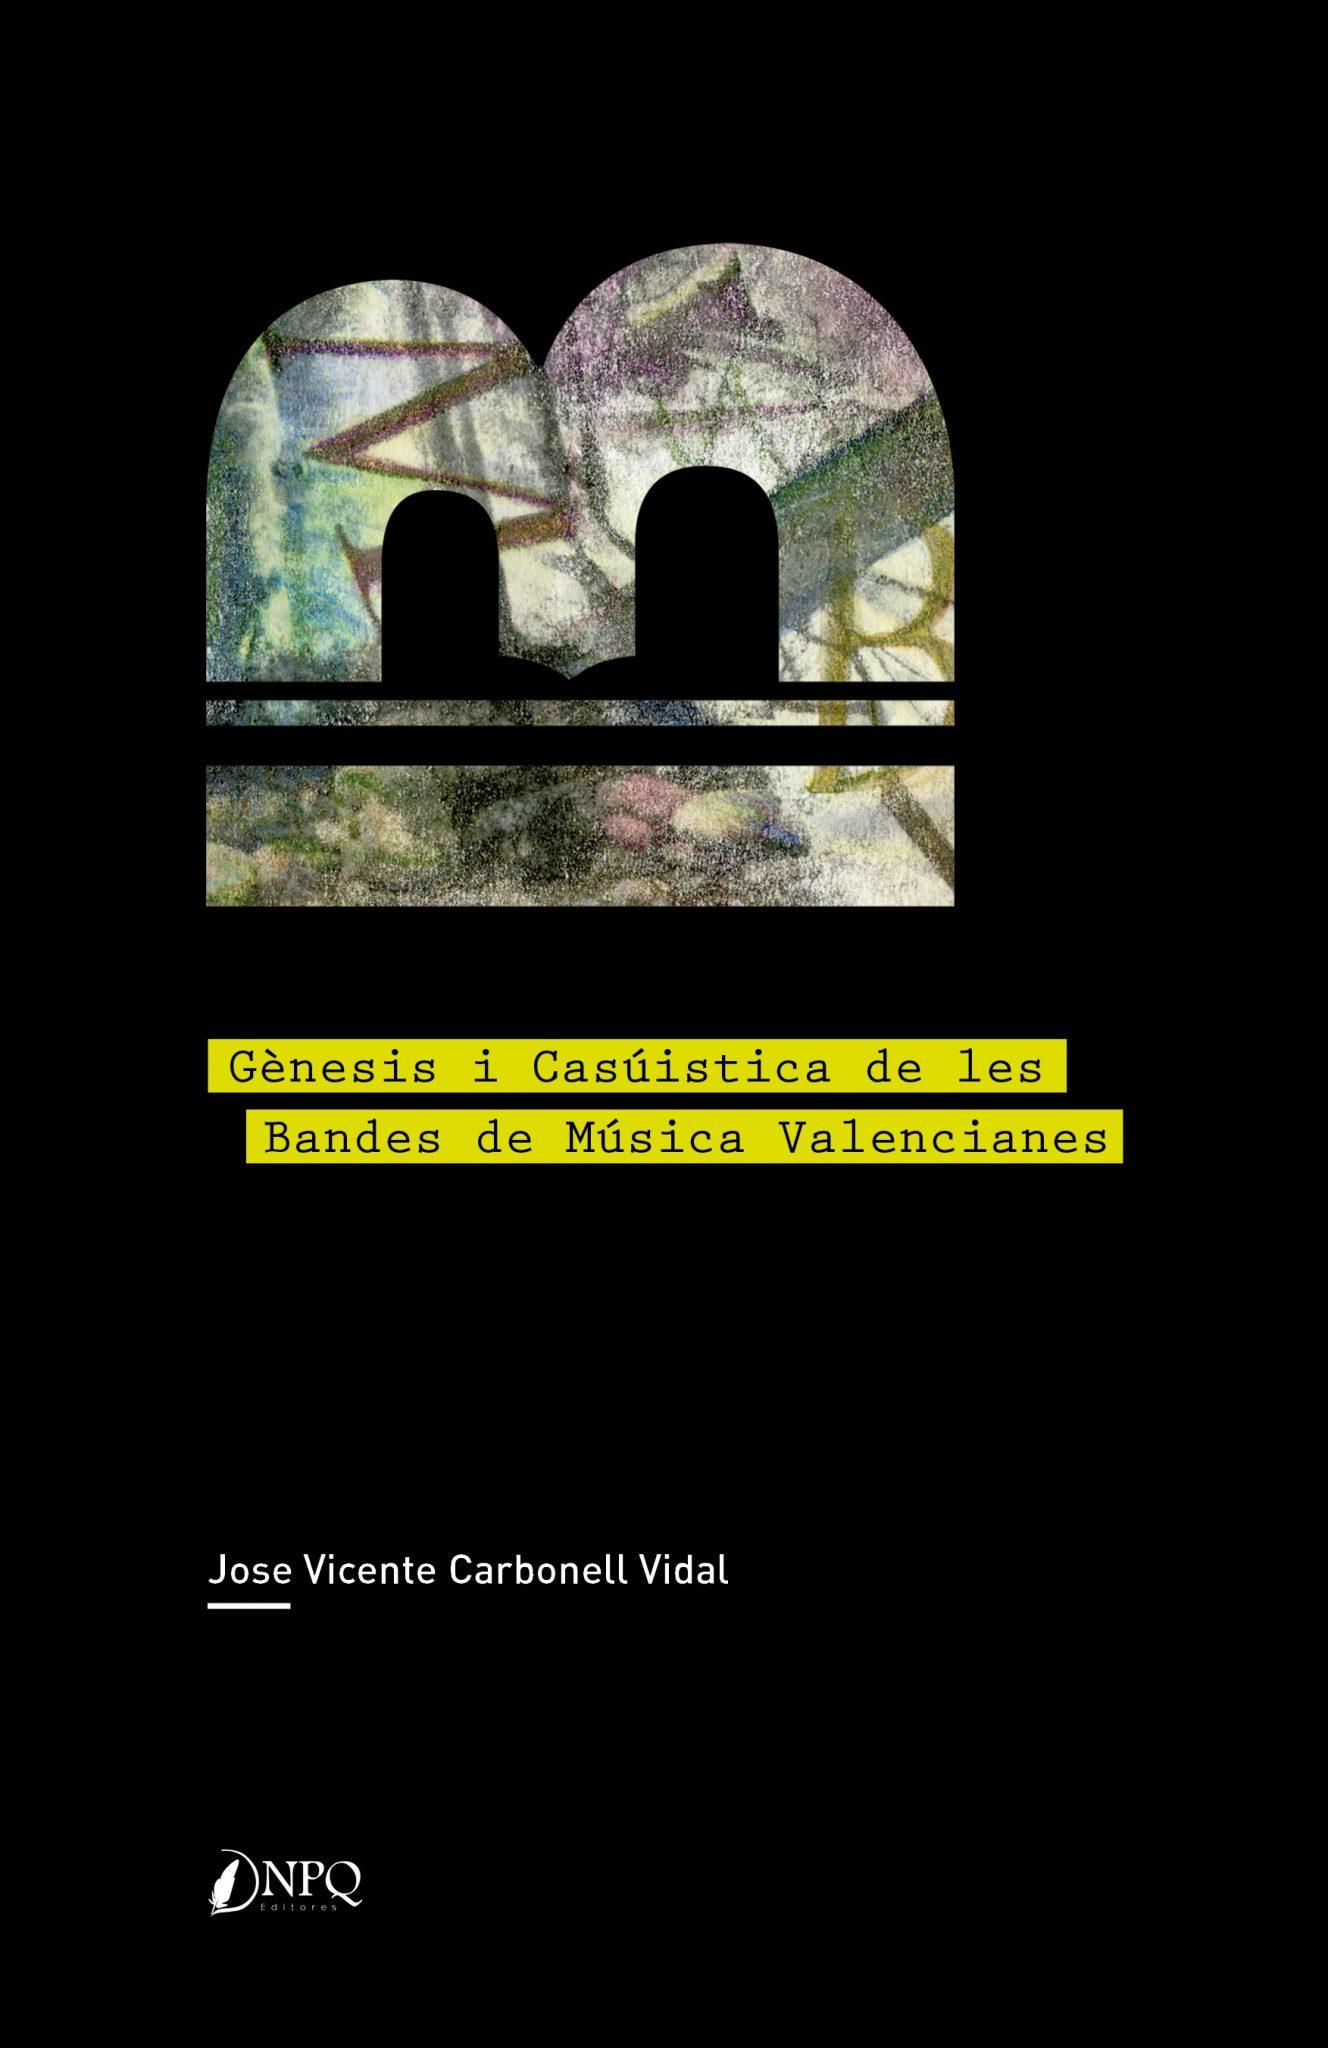 Génesis i casuística en les bandes de música Valencianes